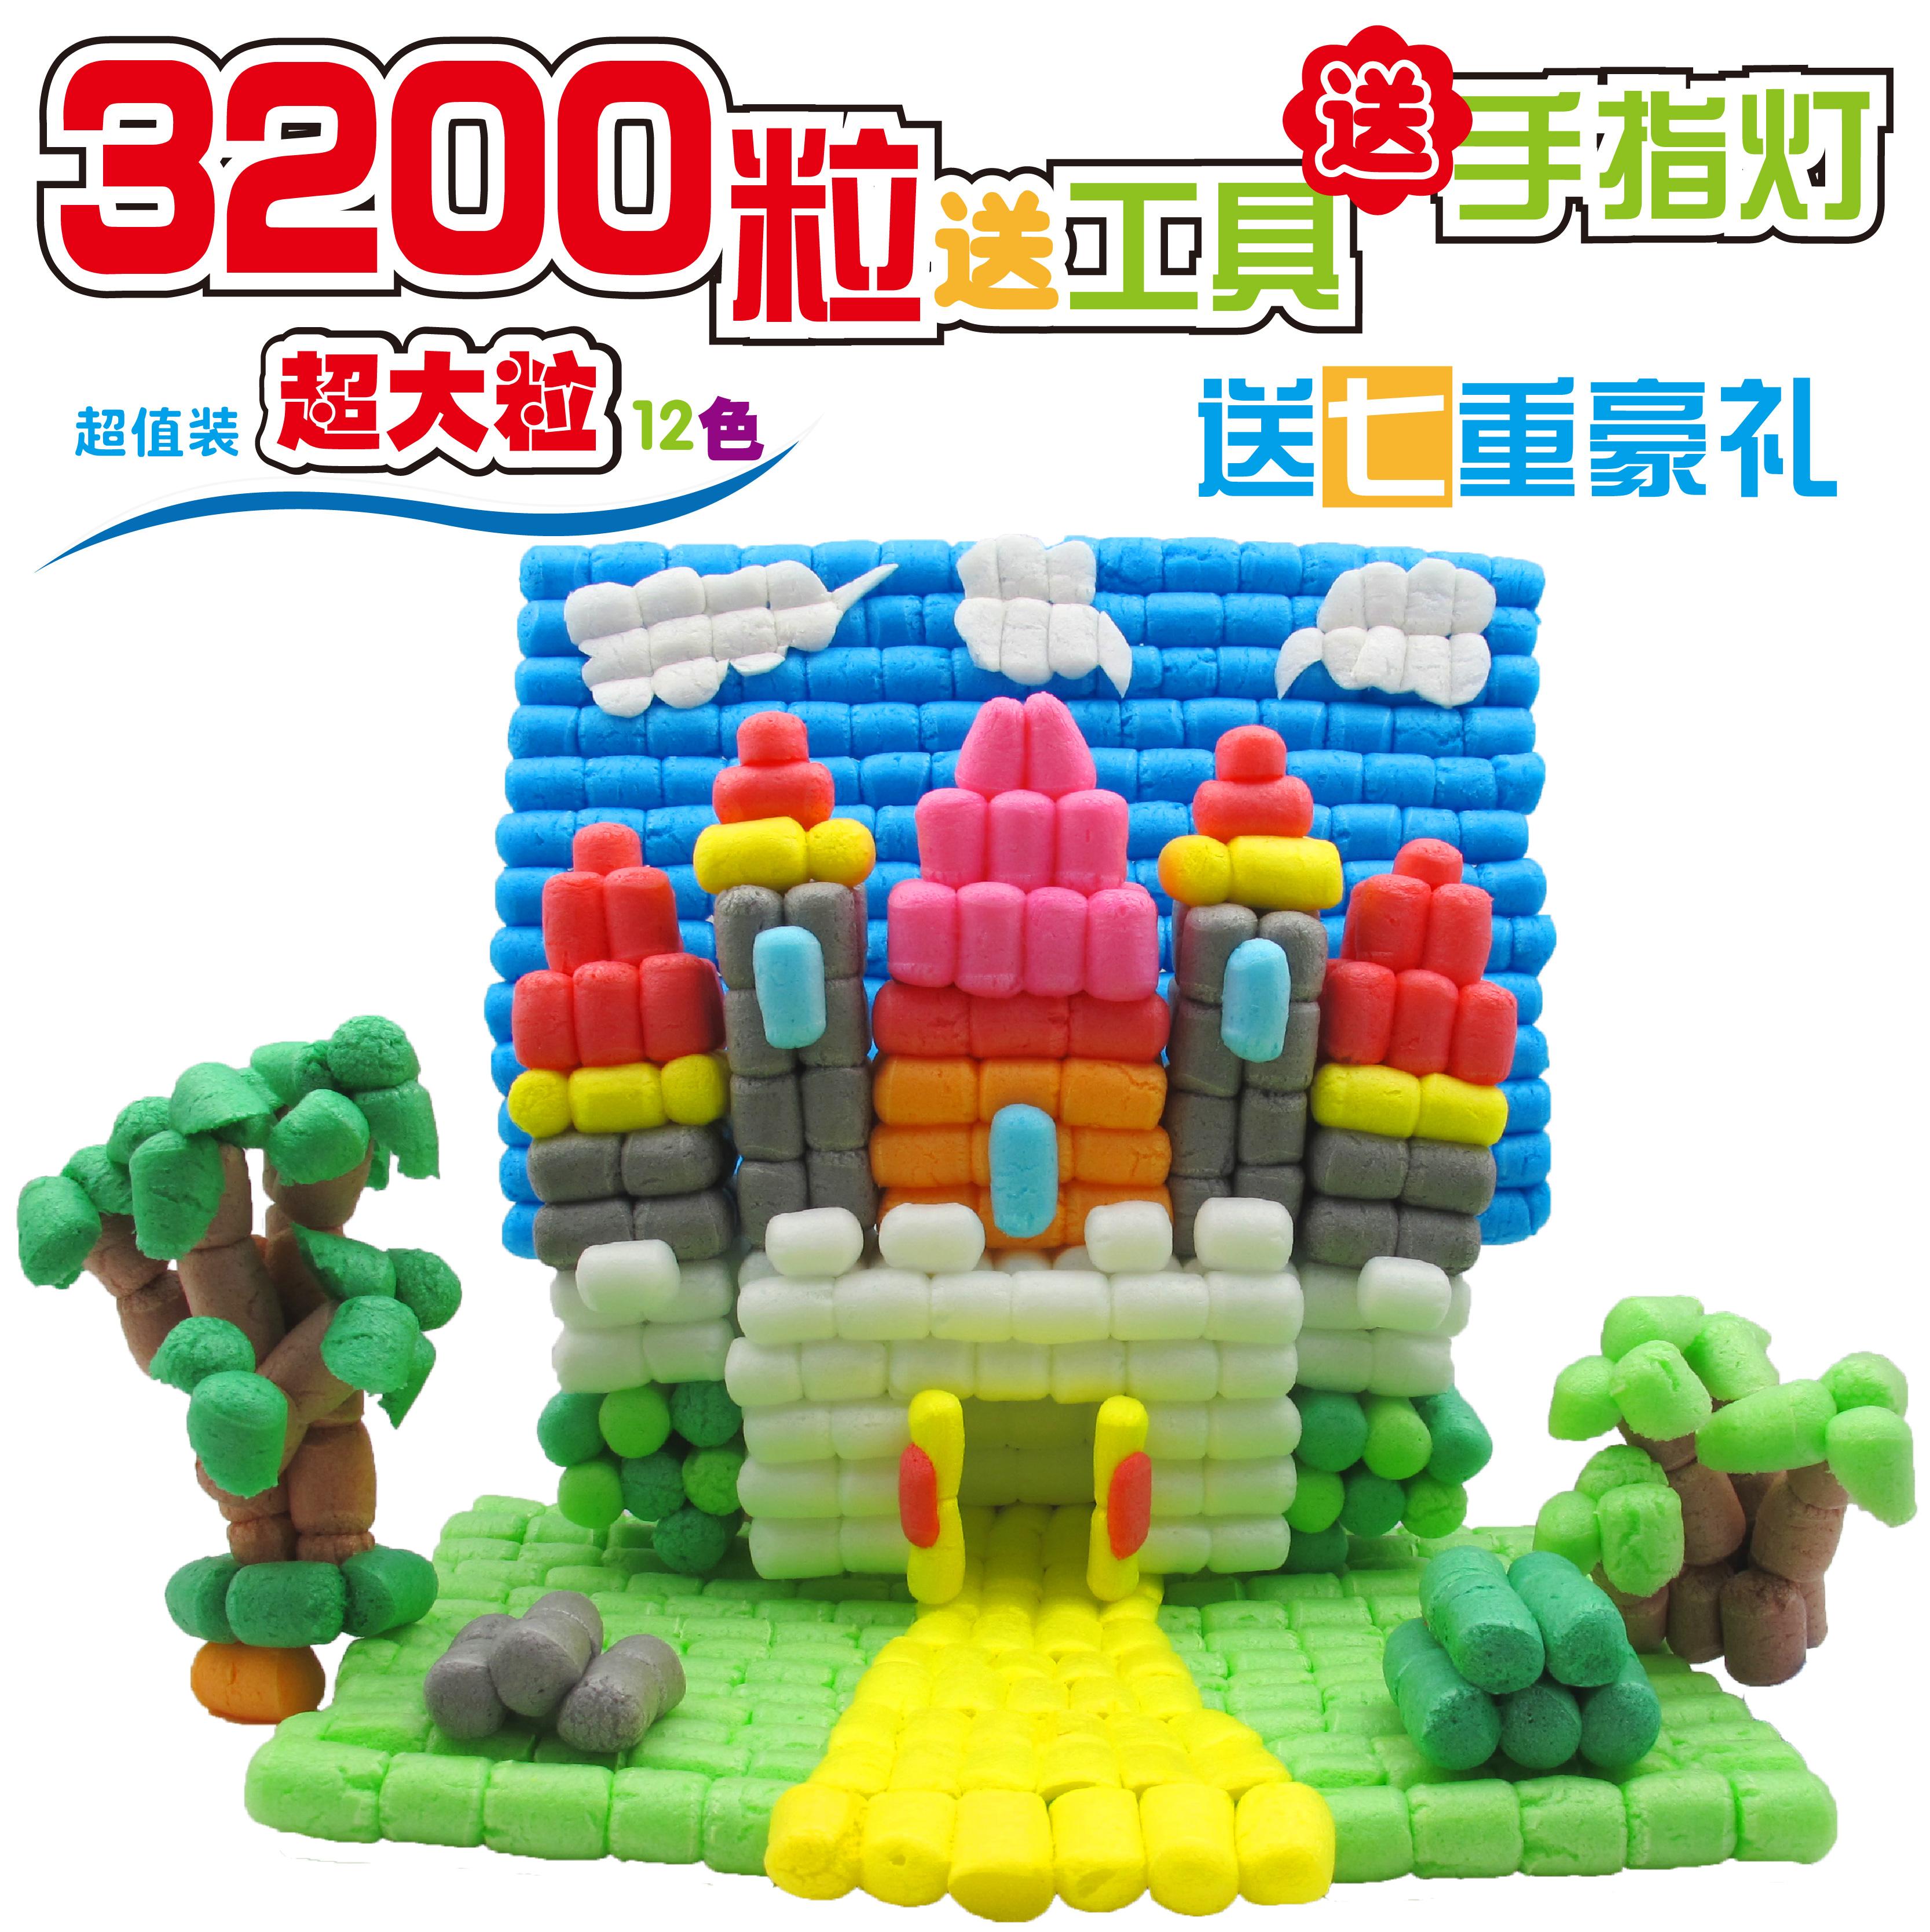 Магия DIY кукуруза зерна строительные блоки ластик грязь детей руки работа головоломка фестиваль подарок игрушка детский сад клиенты